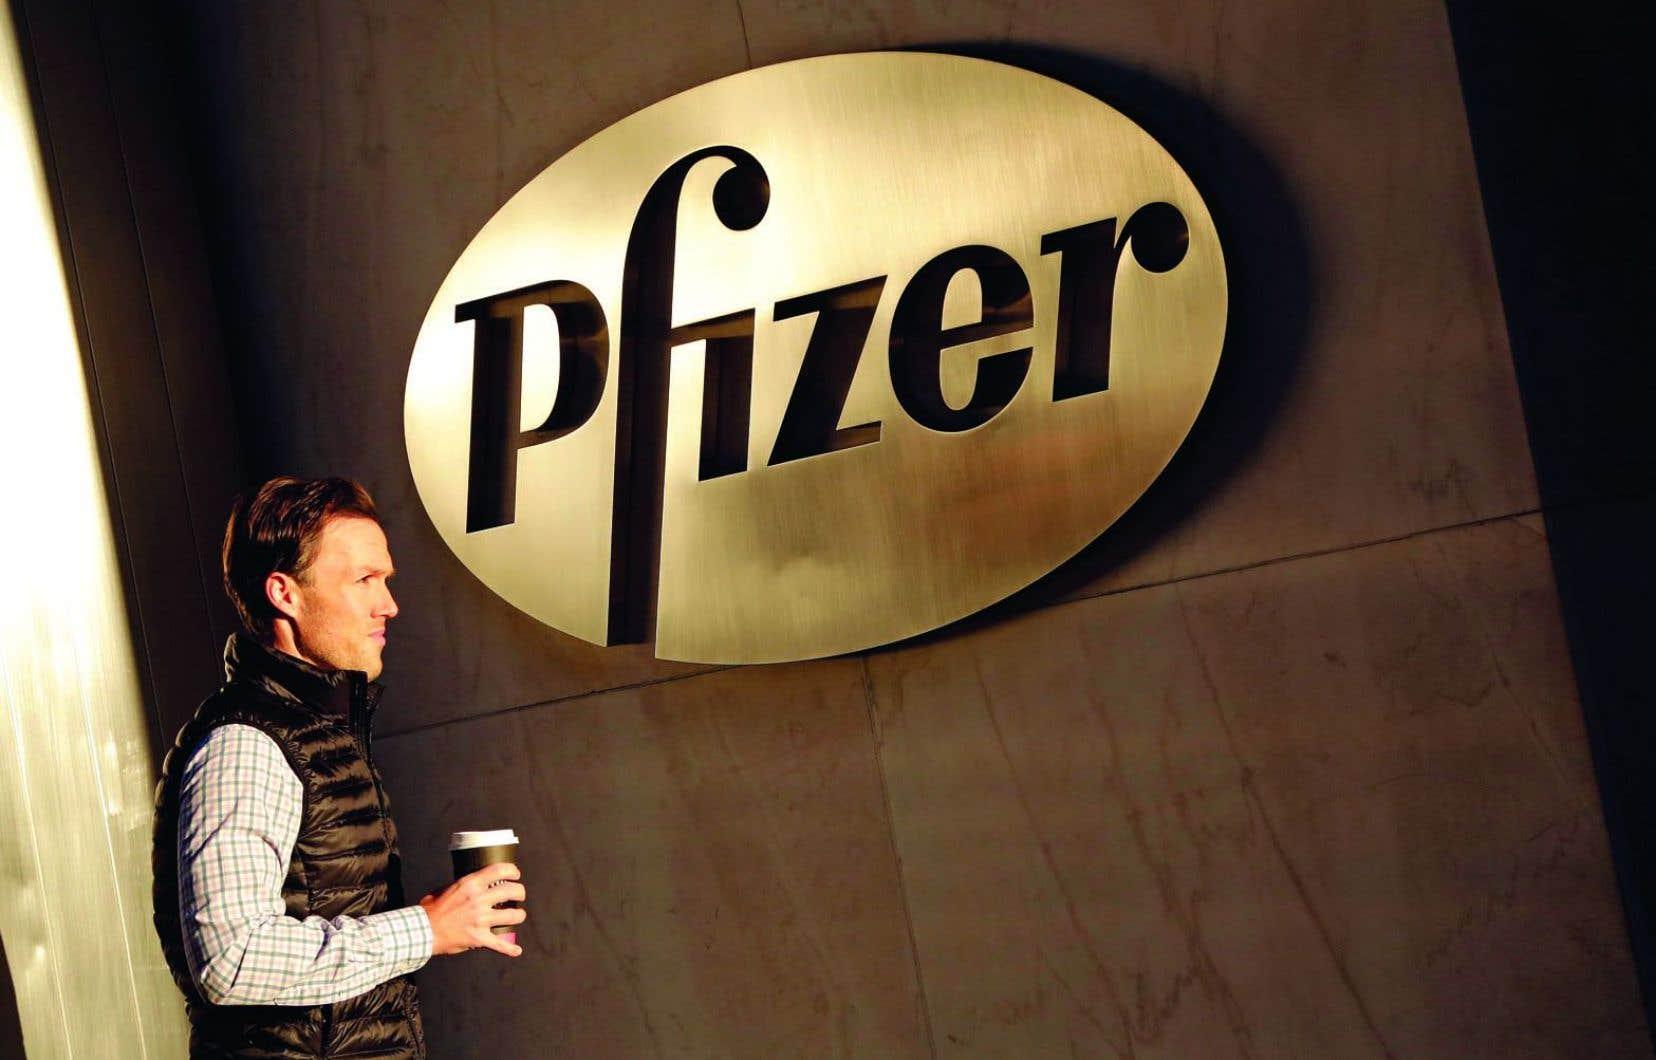 Le fabricant de médicaments Pfizer établi à New York a indiqué lundi qu'il versera 81,50$US par action de Medivation.